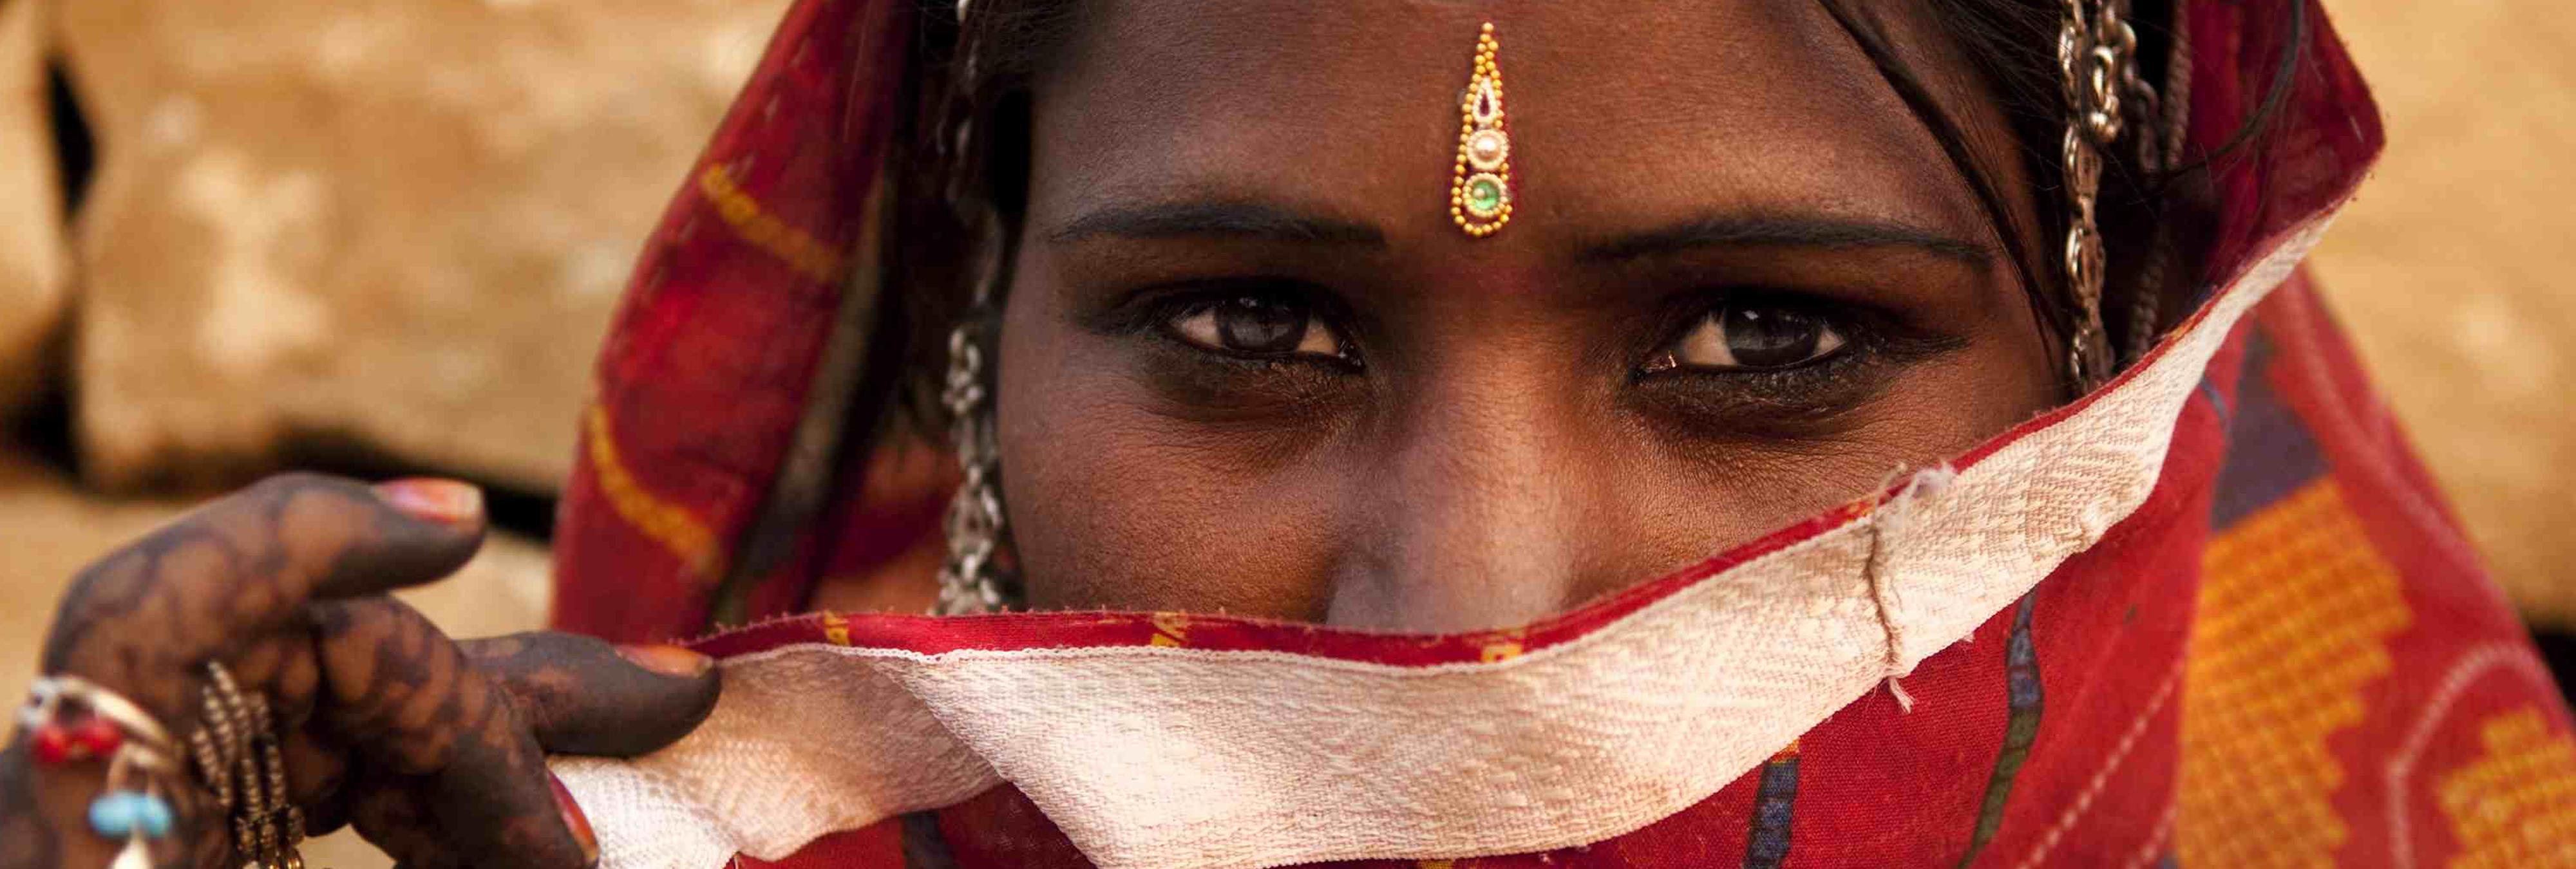 Le cortan la garganta a una mujer trans en India y tres hospitales se niega a atenderla